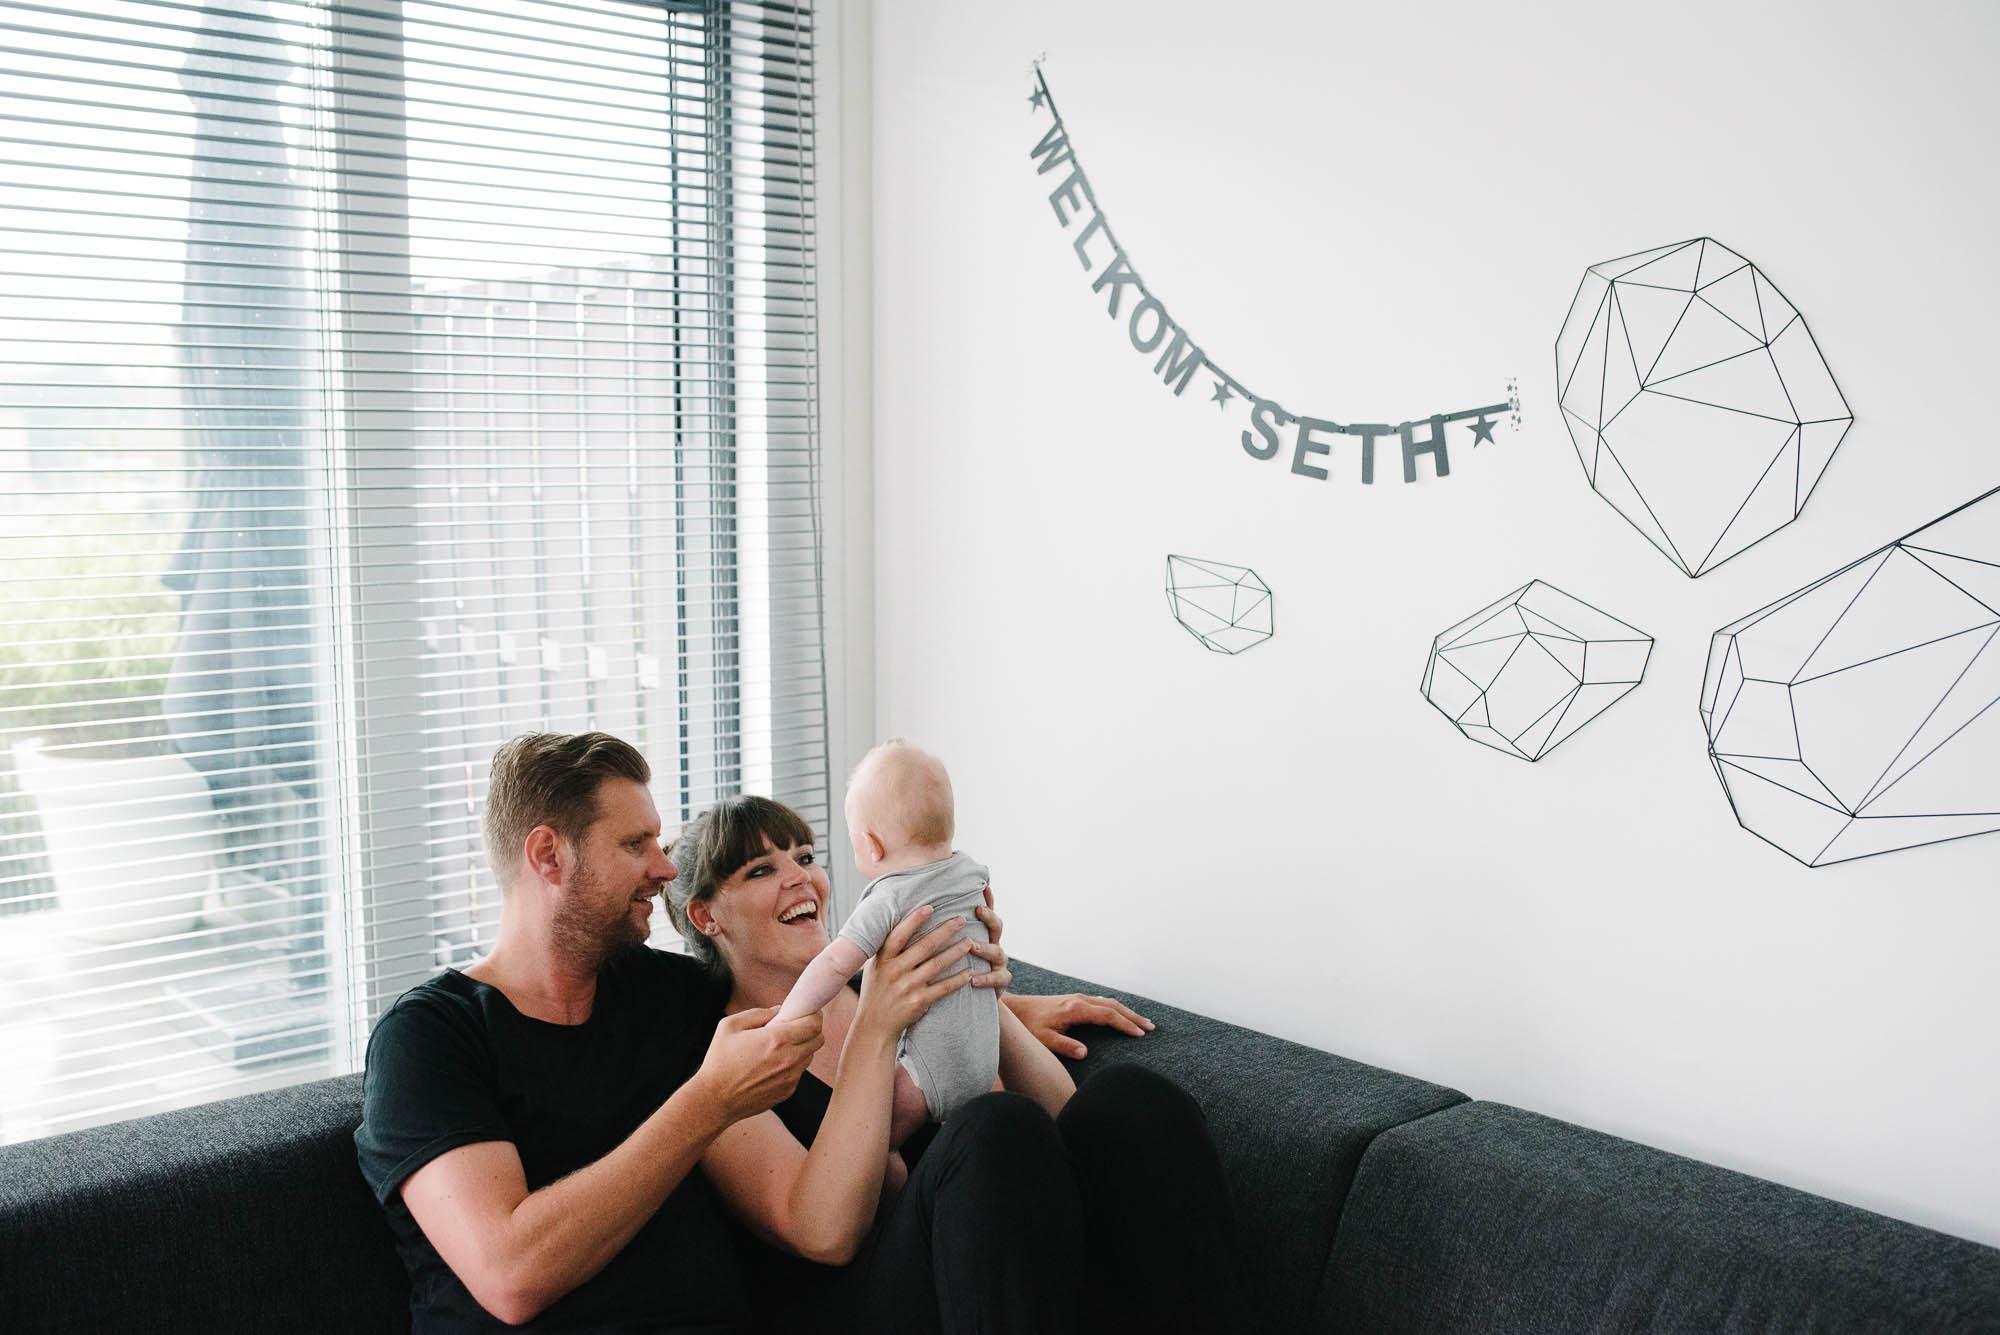 fotograaf newborn baby eindhoven ongeposeerd